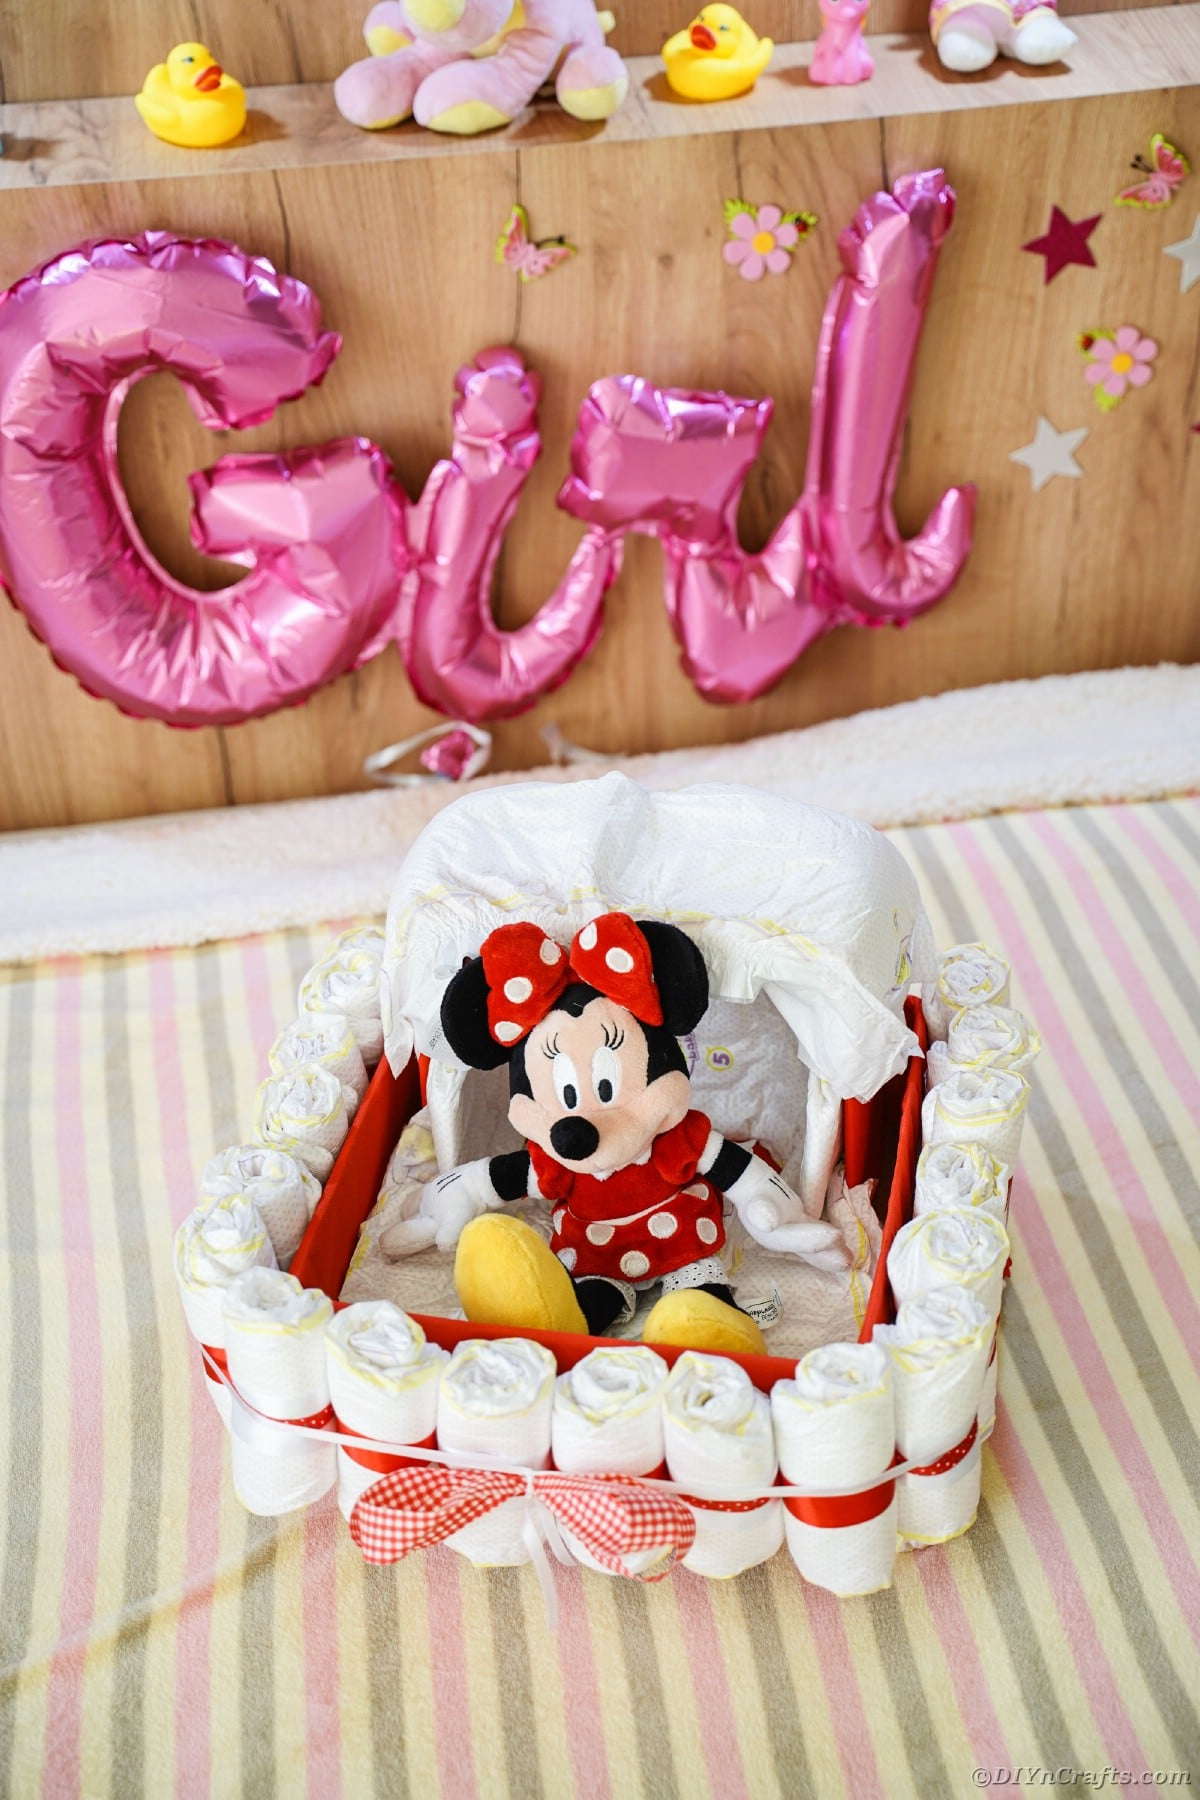 Bassinet diaper cake on bed